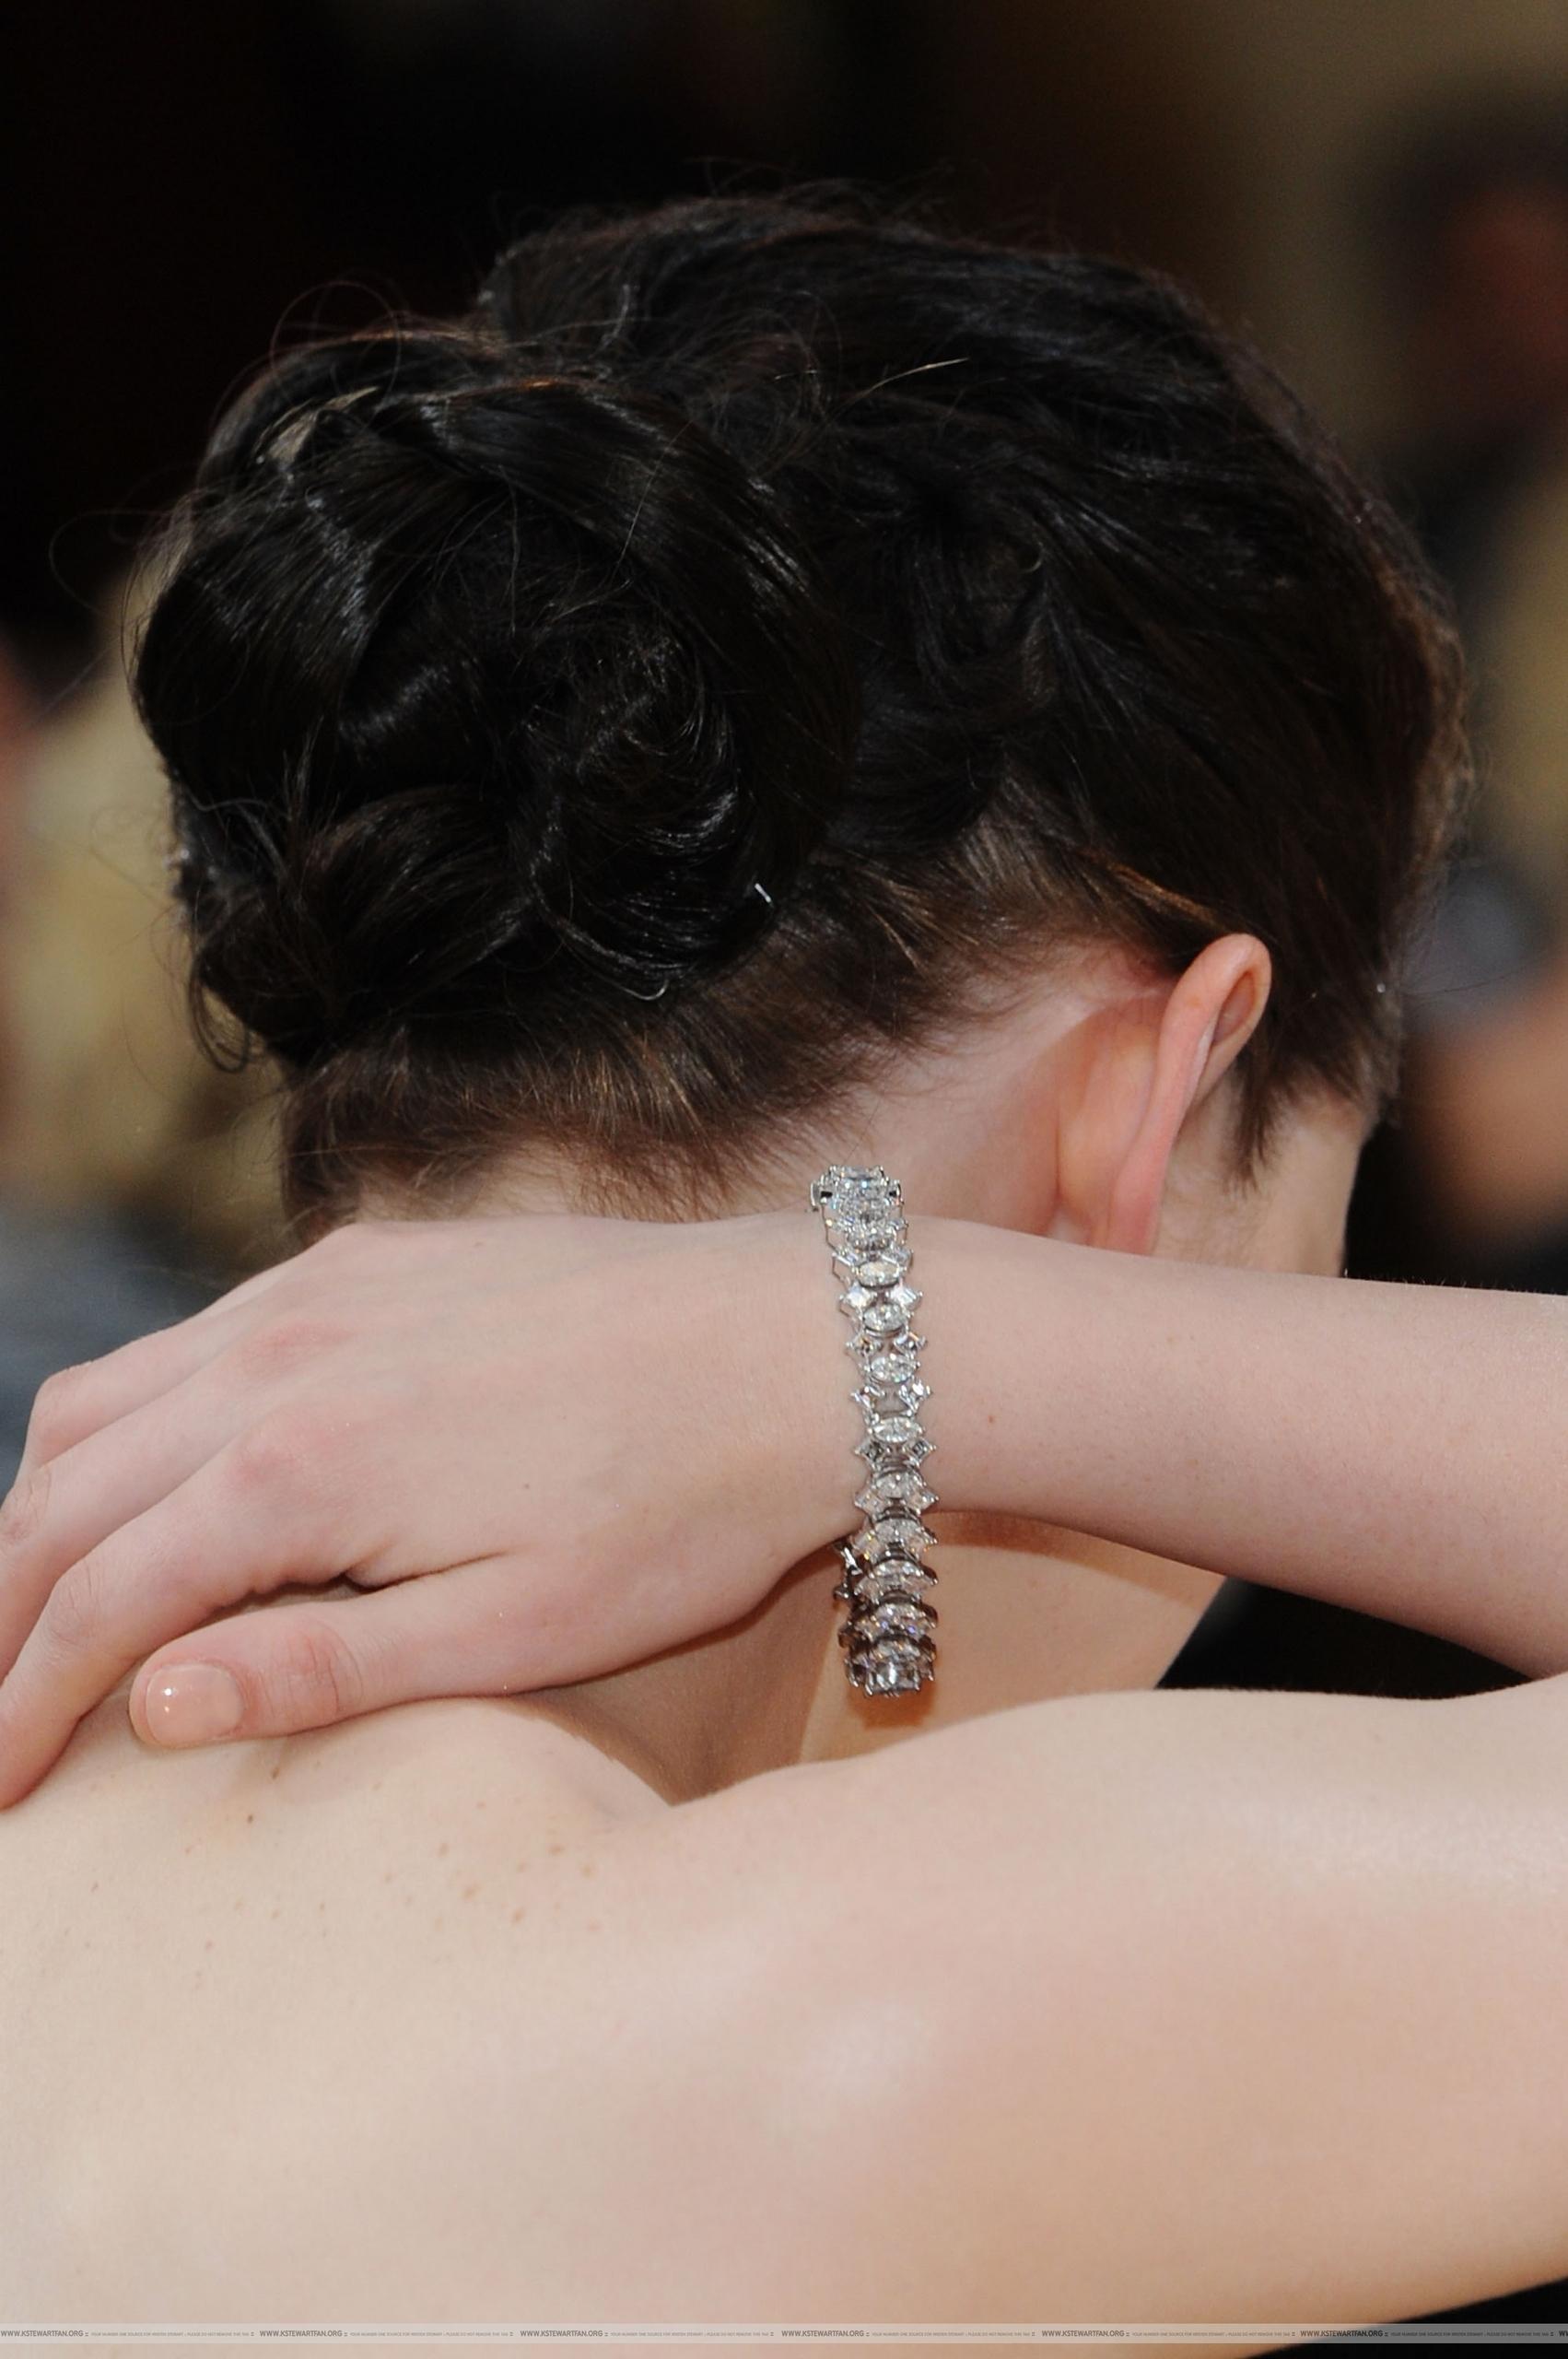 আরো Pictures of Kristen Stewart on the Red Carpet For the Oscars